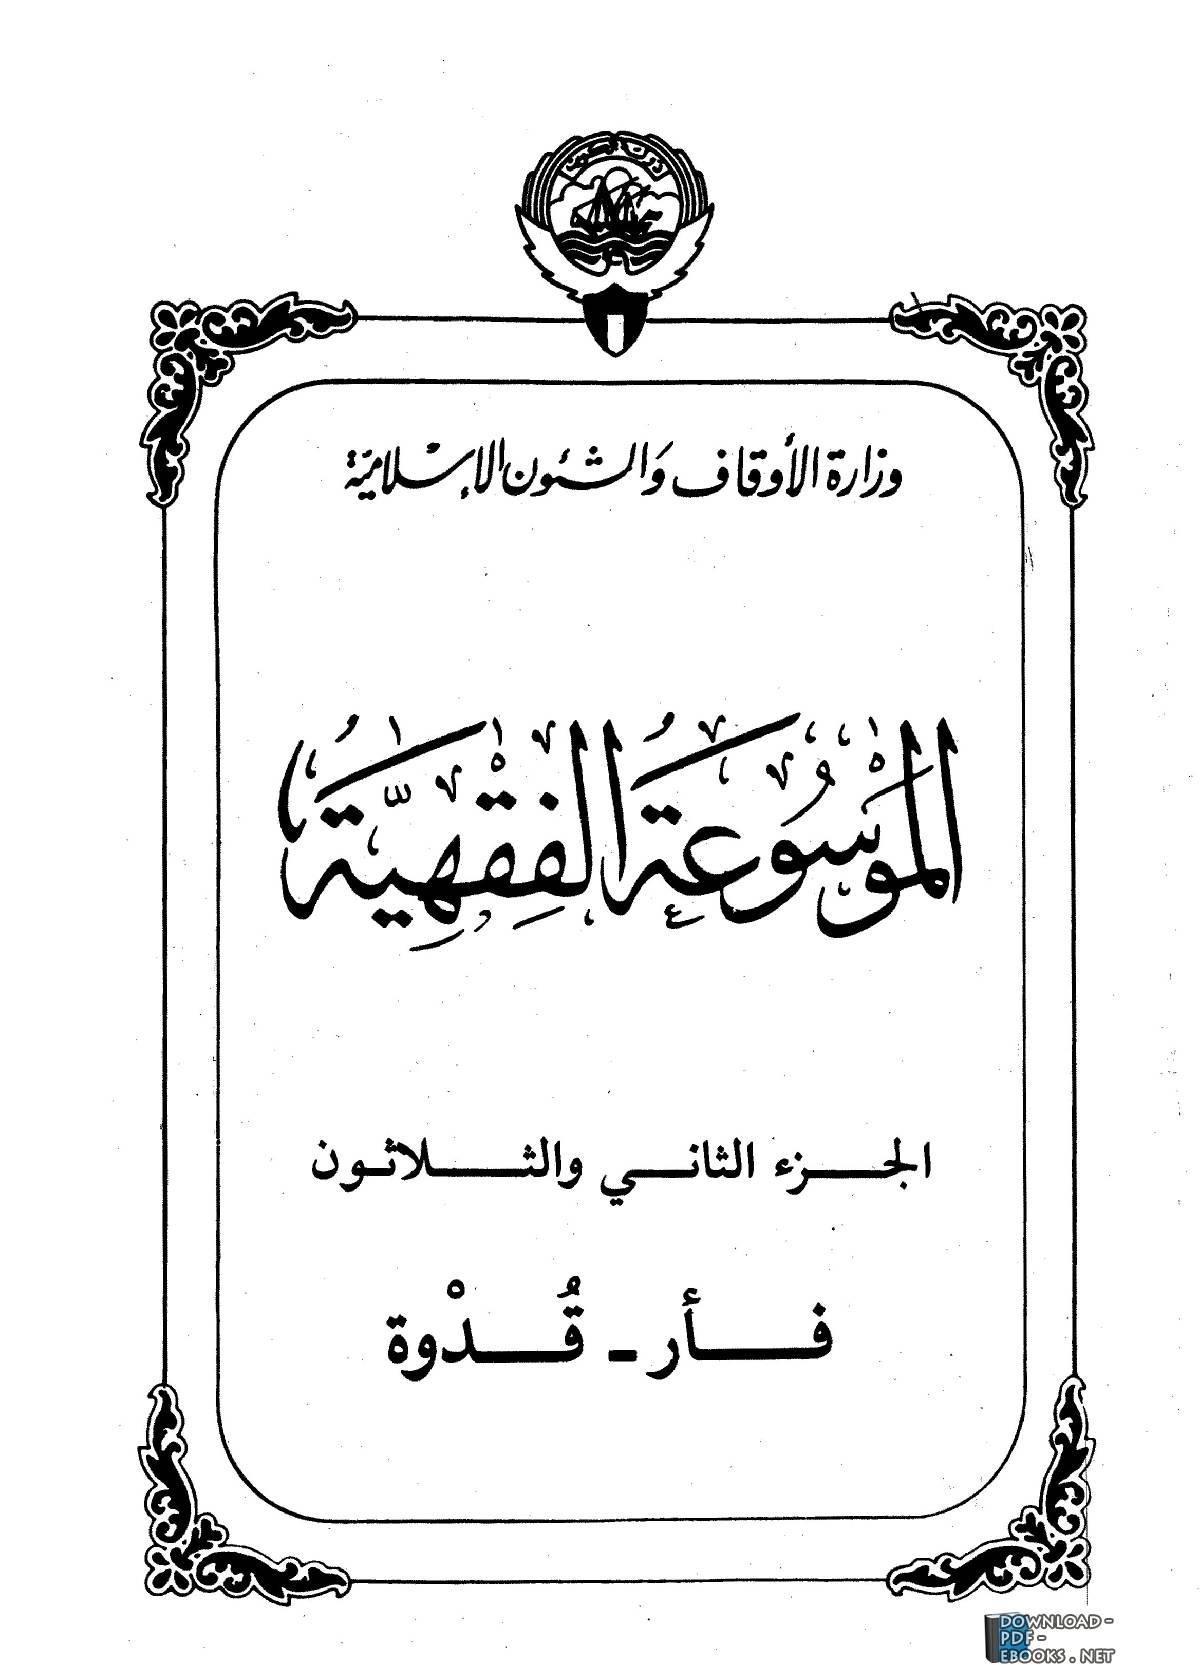 كتاب الموسوعة الفقهية الكويتية- الجزء الثاني والثلاثون (فأر – قدوة)